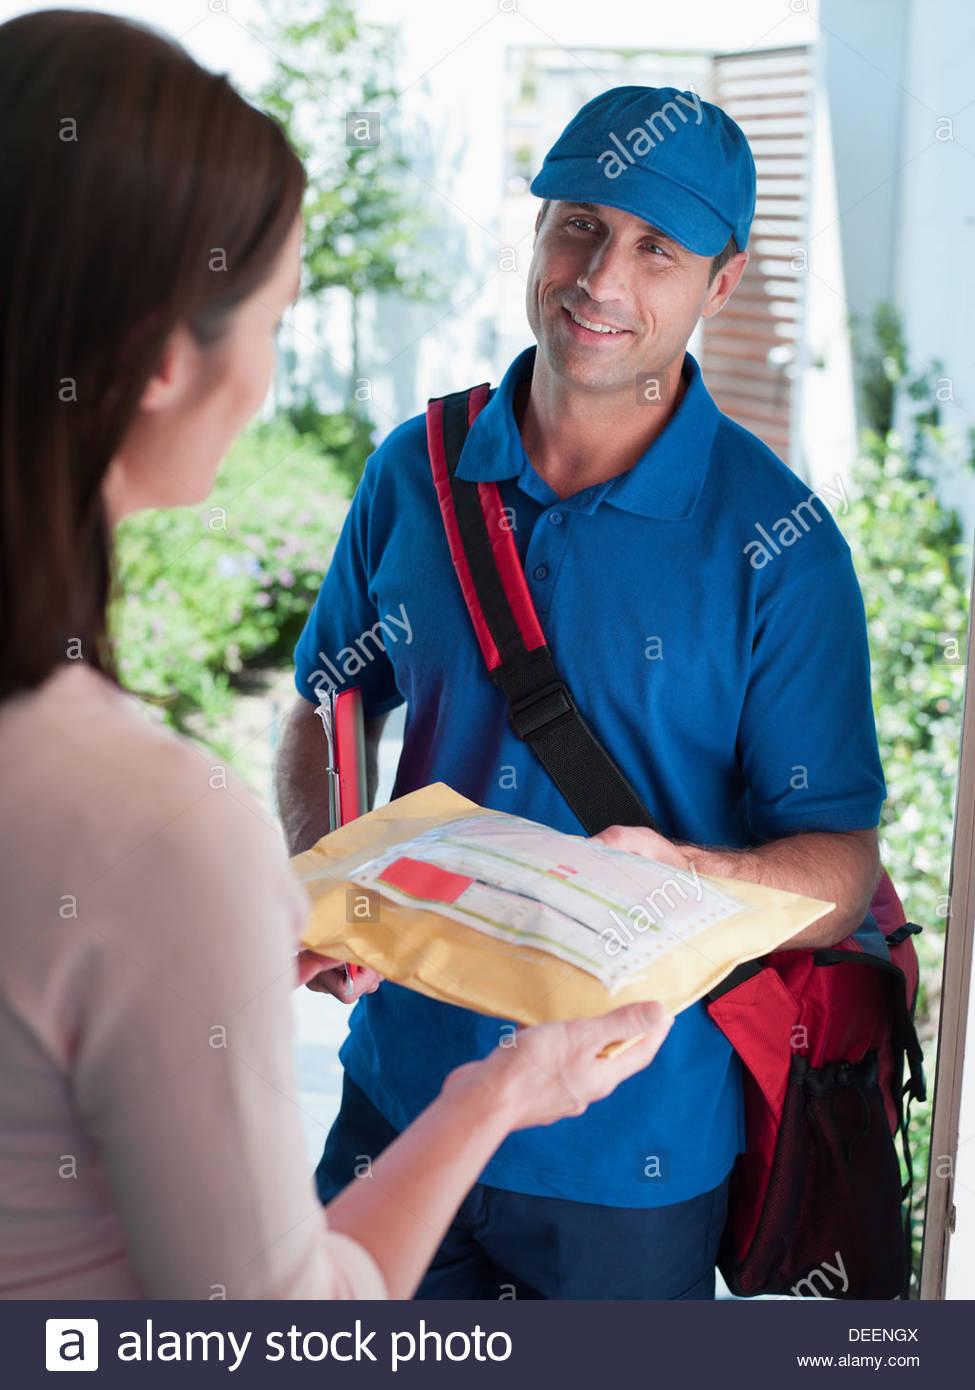 Persona que entrega macho paquete para mujer Imagen De Stock